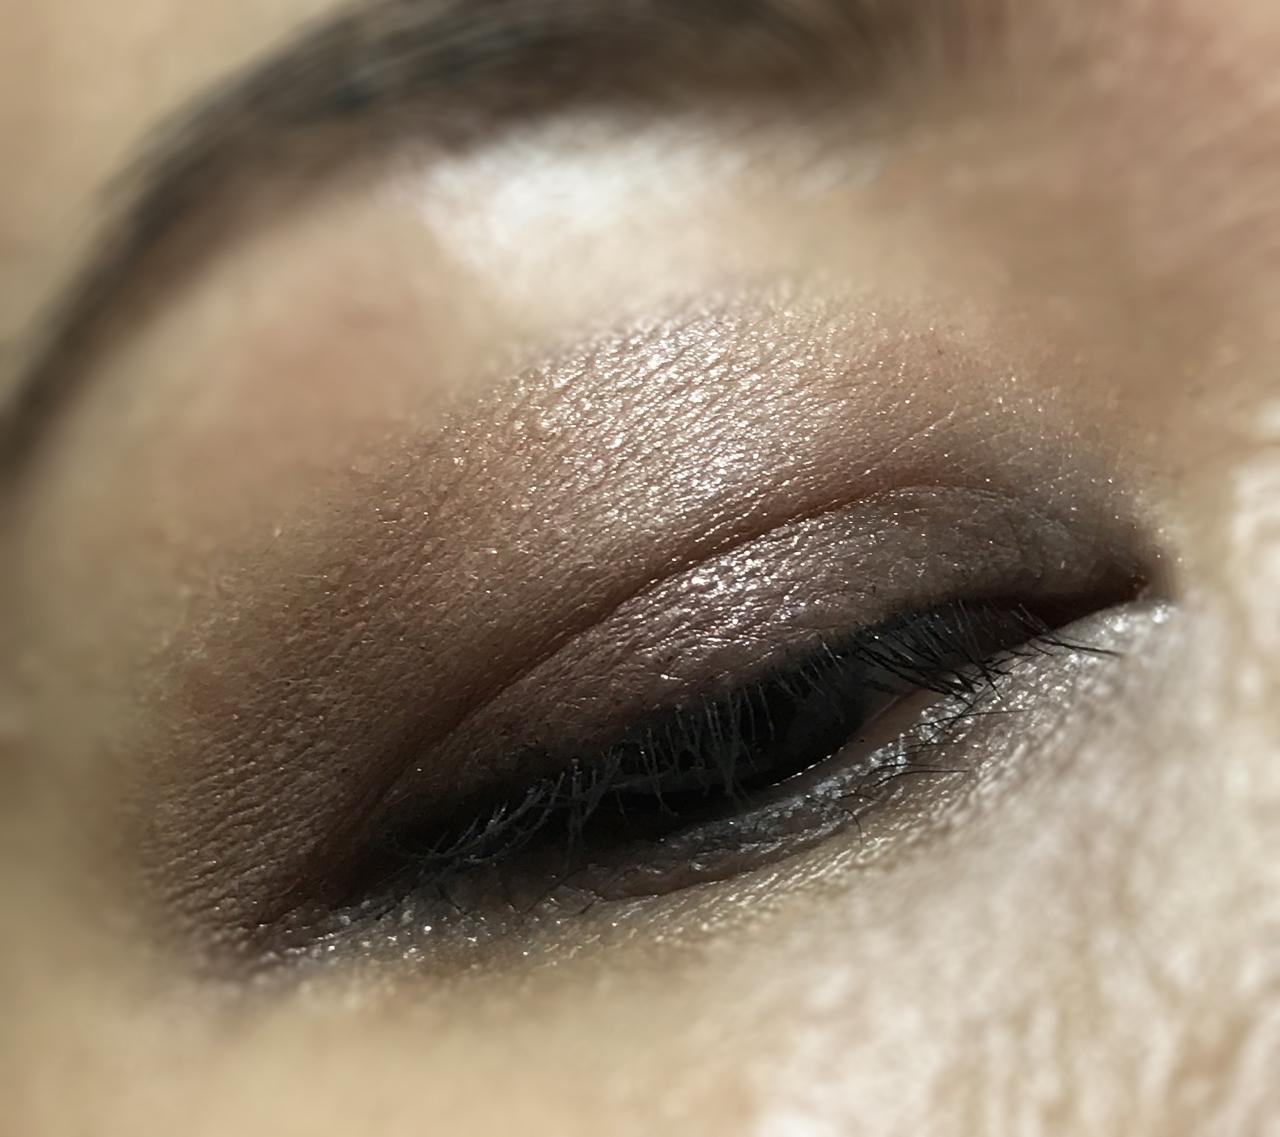 Shiseido Maquillage Dramatic Mood Eyes BR616 EOTD